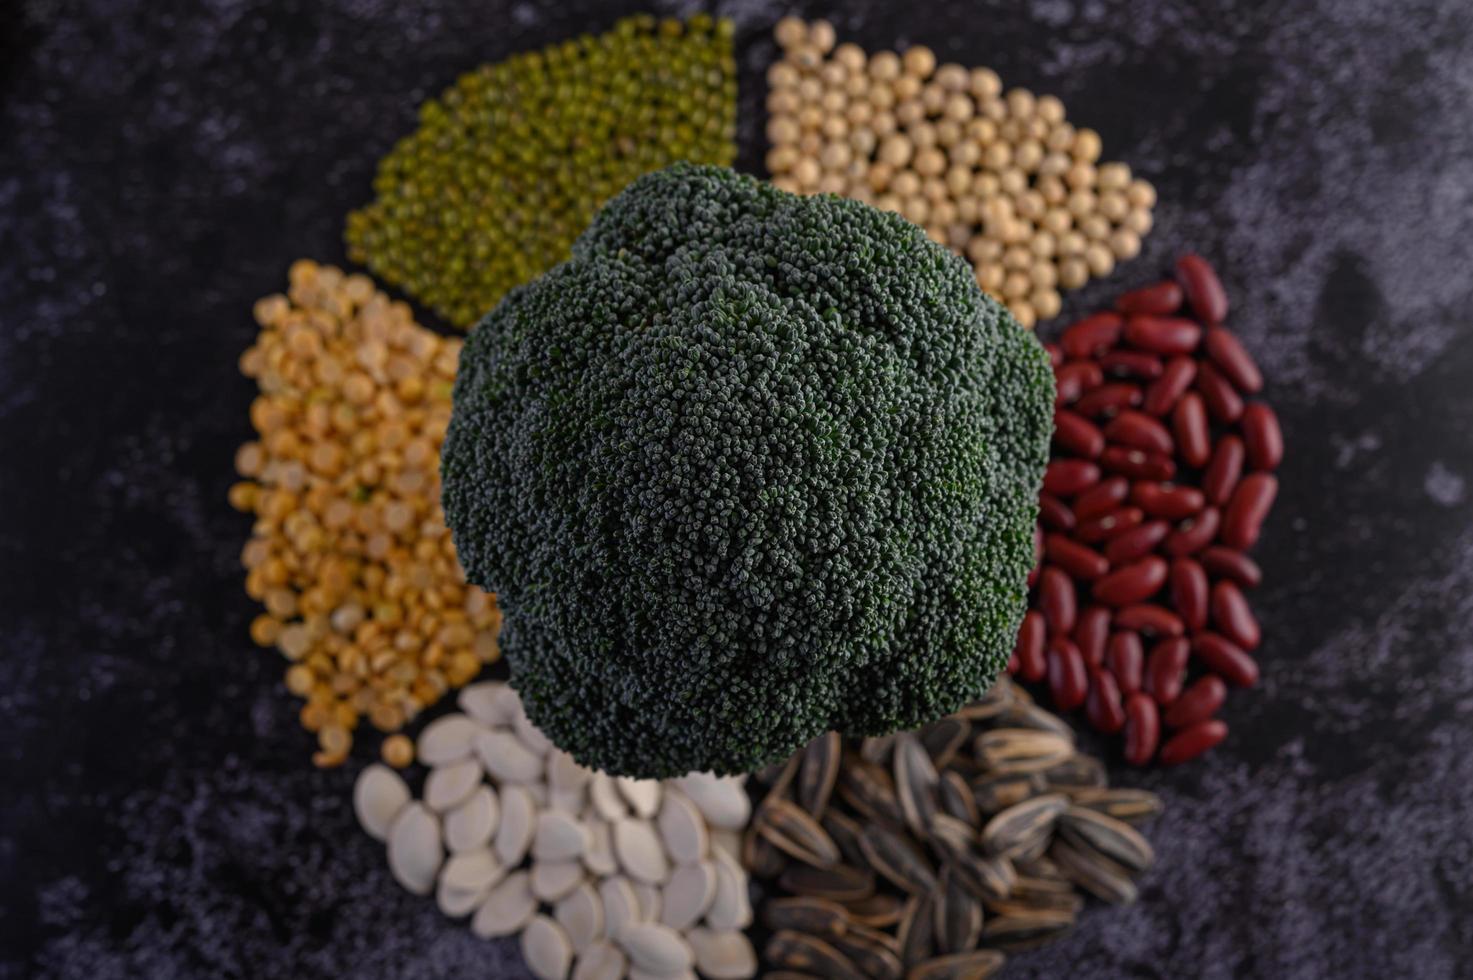 baljväxter med broccoli på en svart bakgrund foto